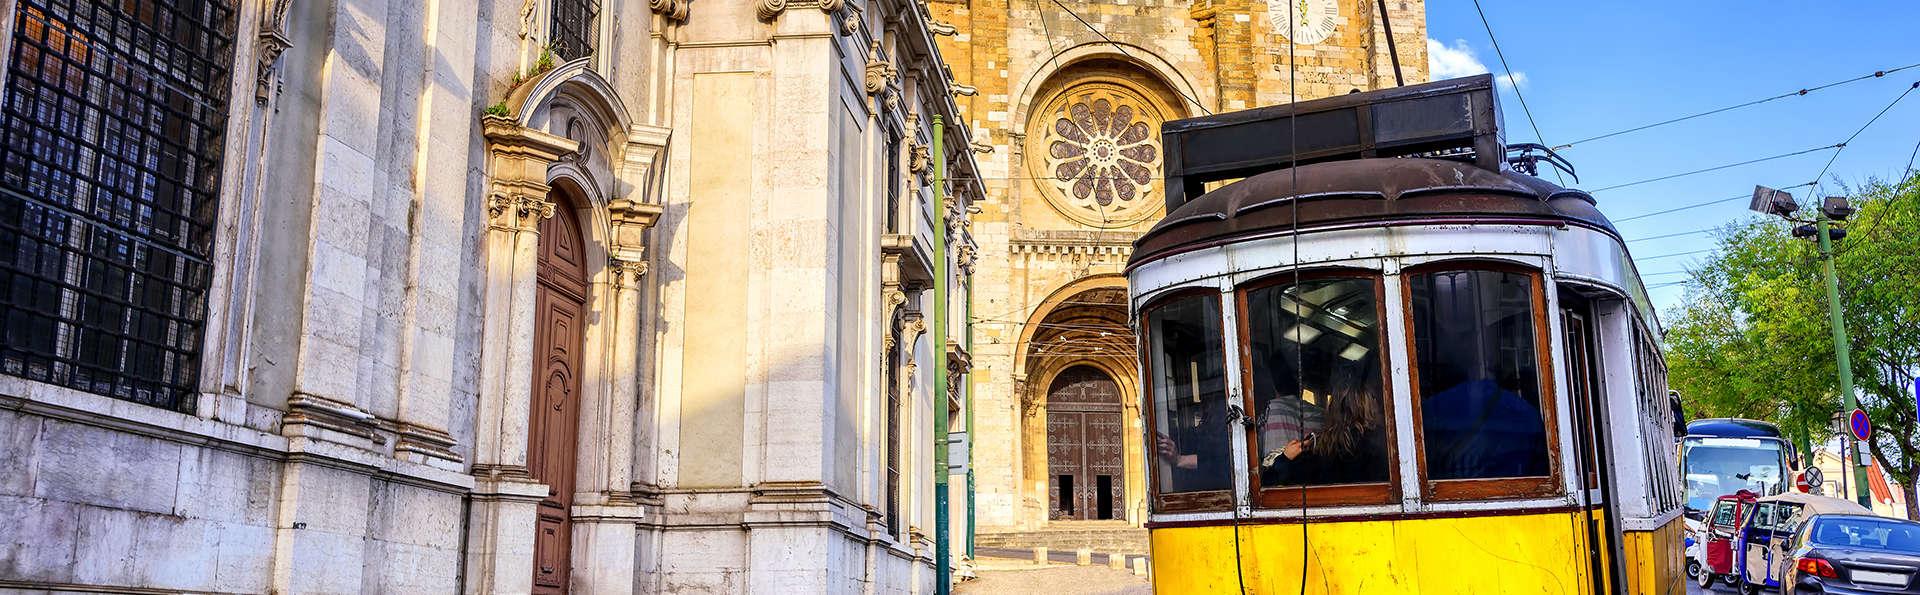 Hotel Dom Carlos Liberty - EDIT_destination2.jpg